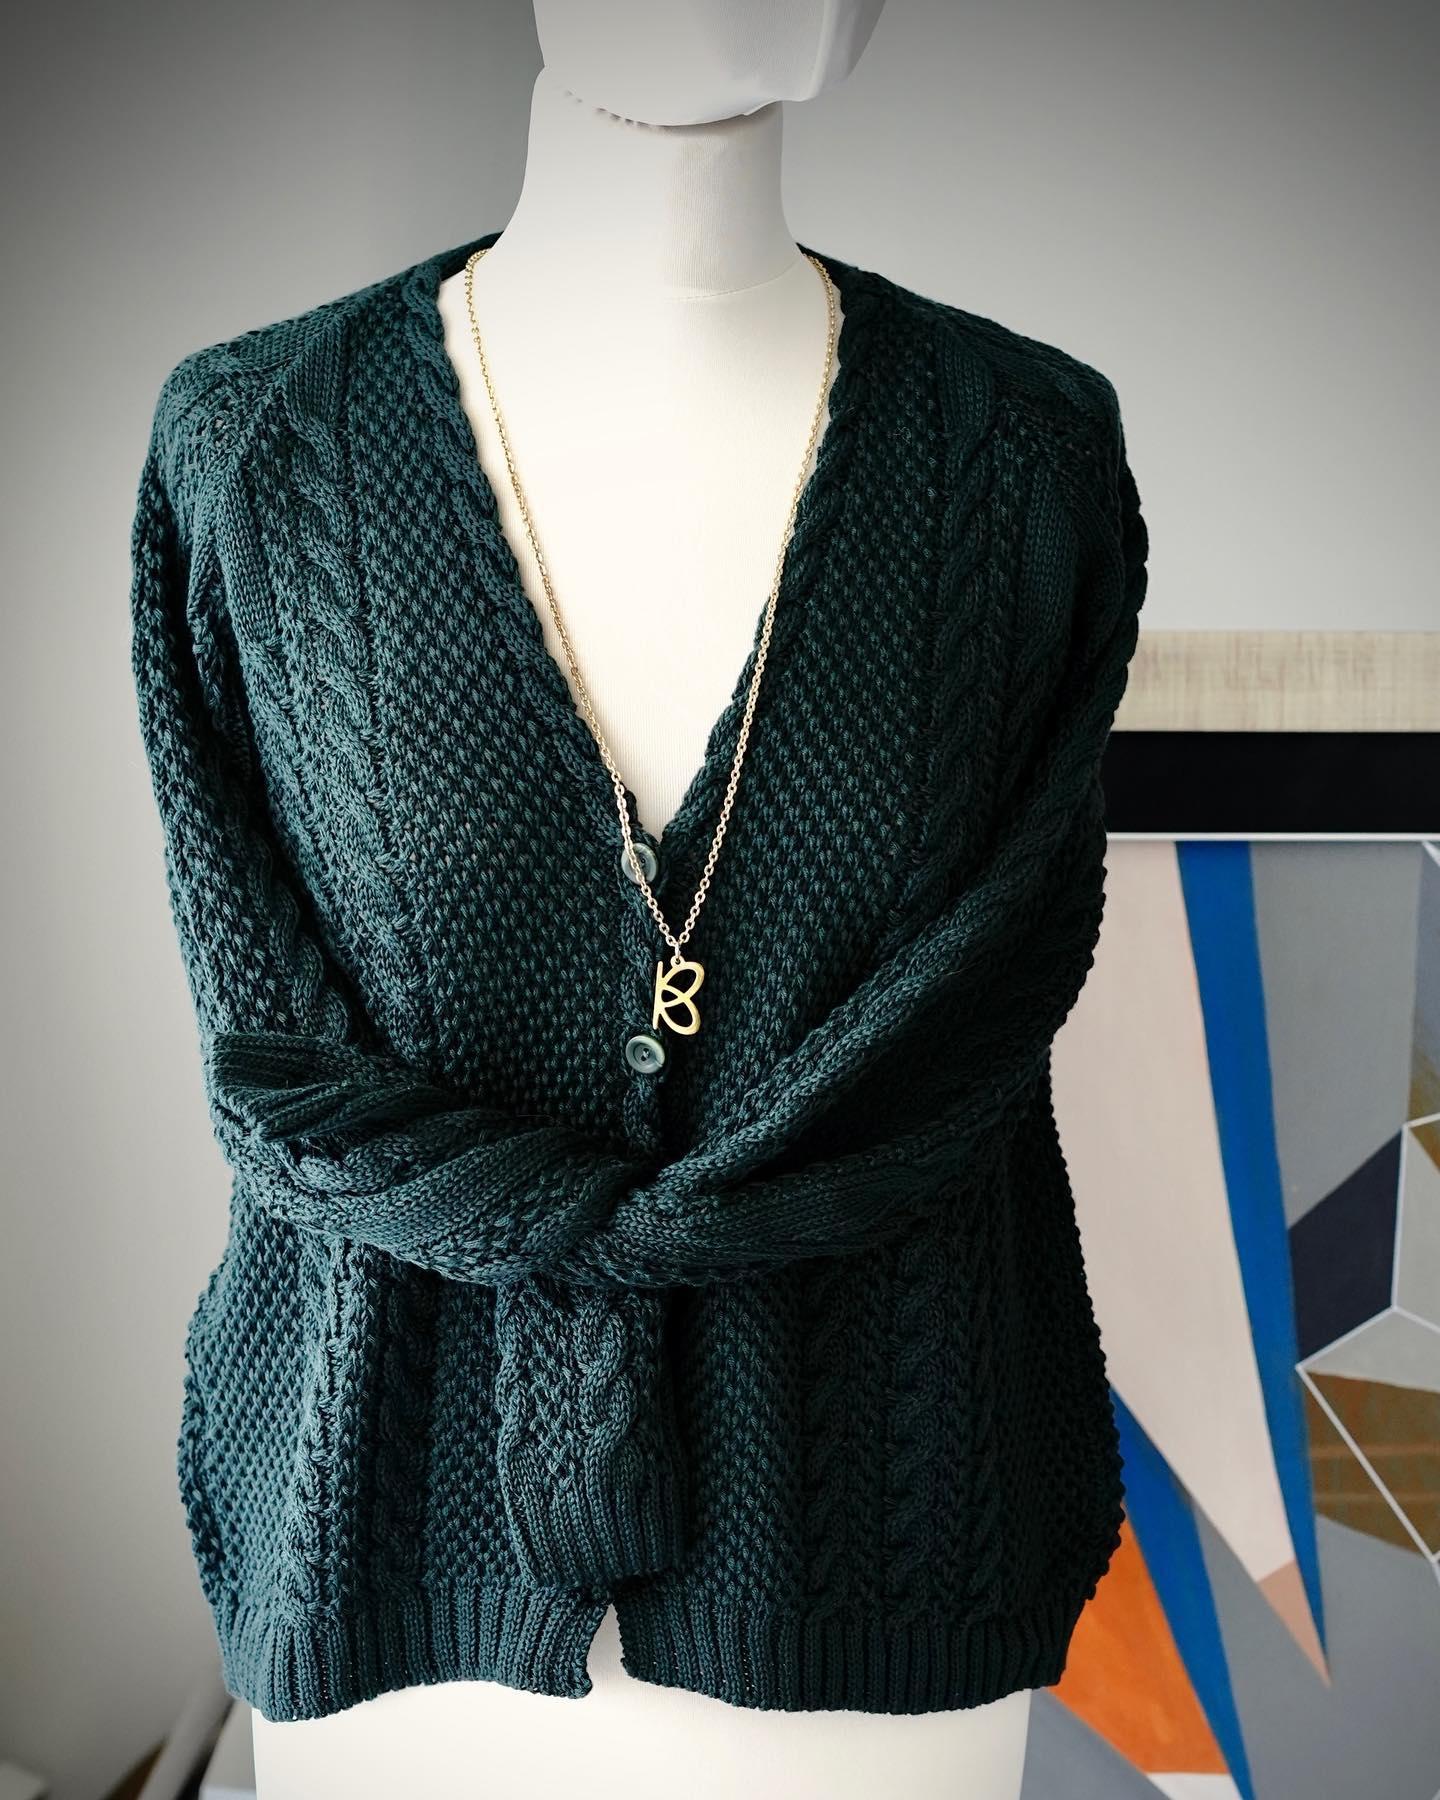 Jesienna piękność w szlachetnej zieleni 💚💚💚 100% bawełna, kardigan z guzikami. Piękny!!! Zapraszam!